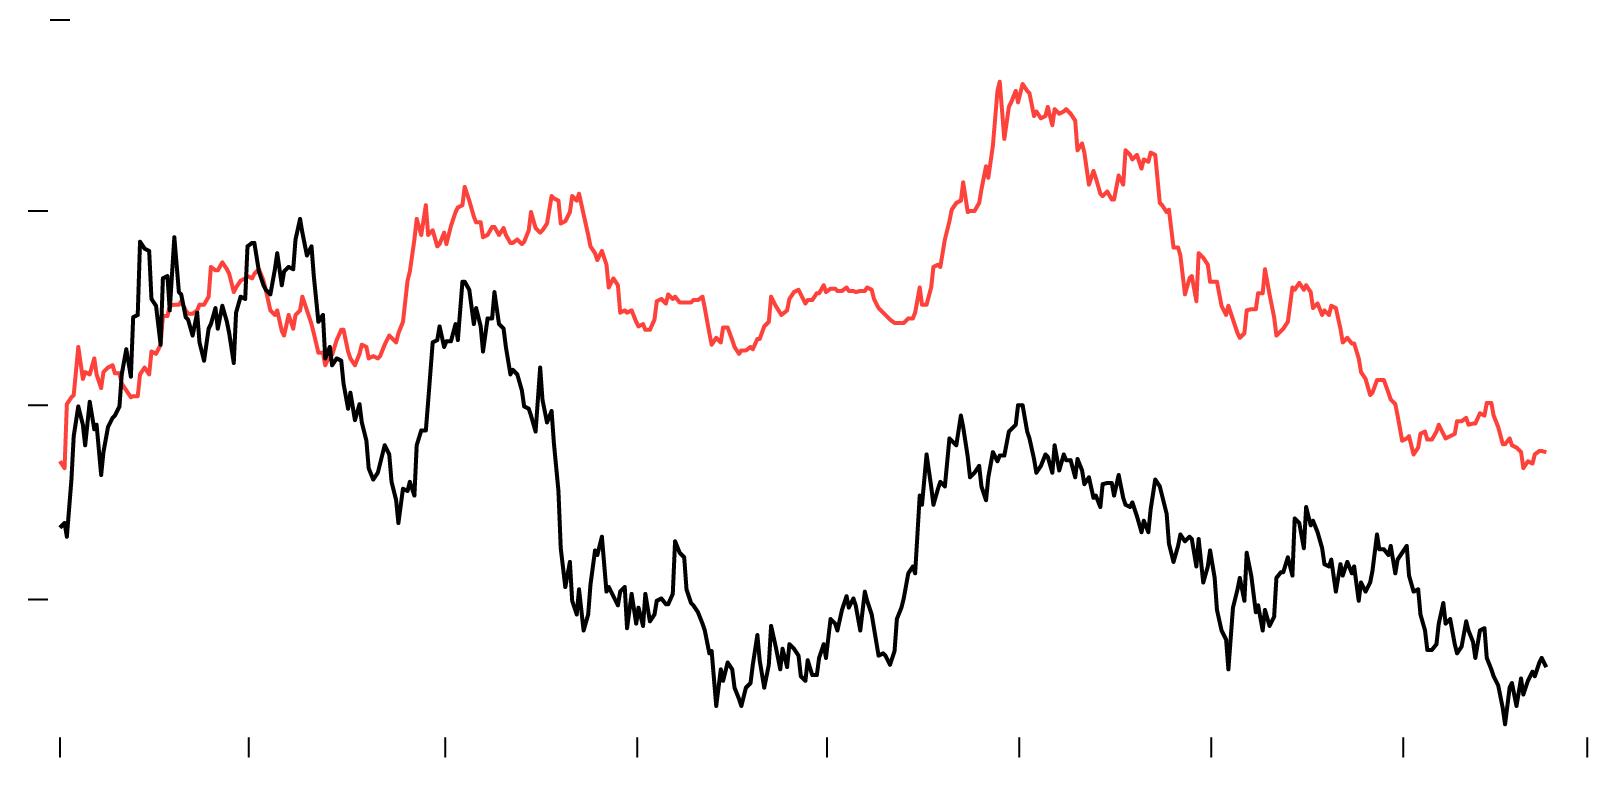 Trading forex bangkrut